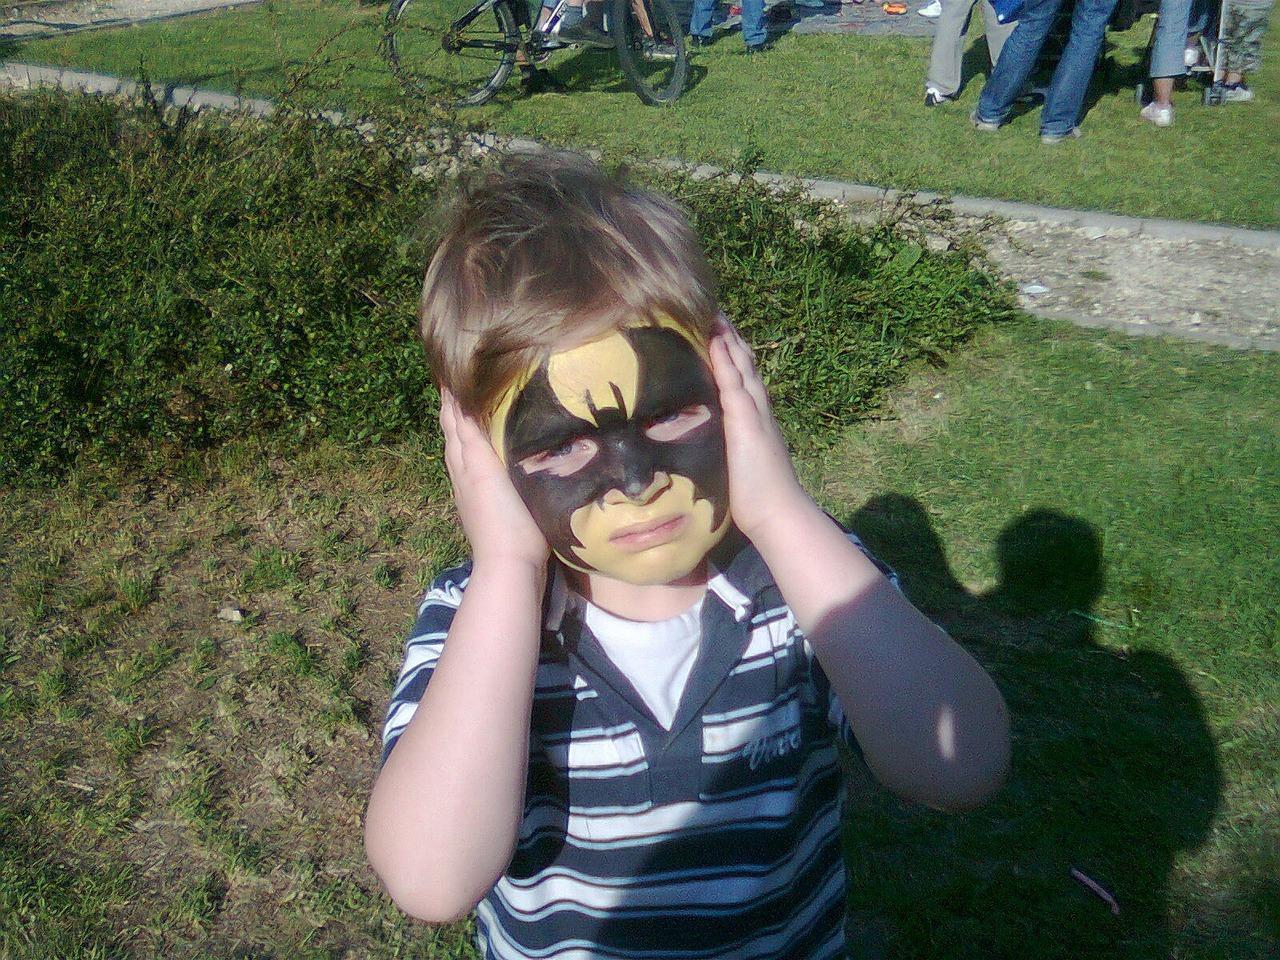 Kinderschminke ist meist mit Schadstoffen belastet.